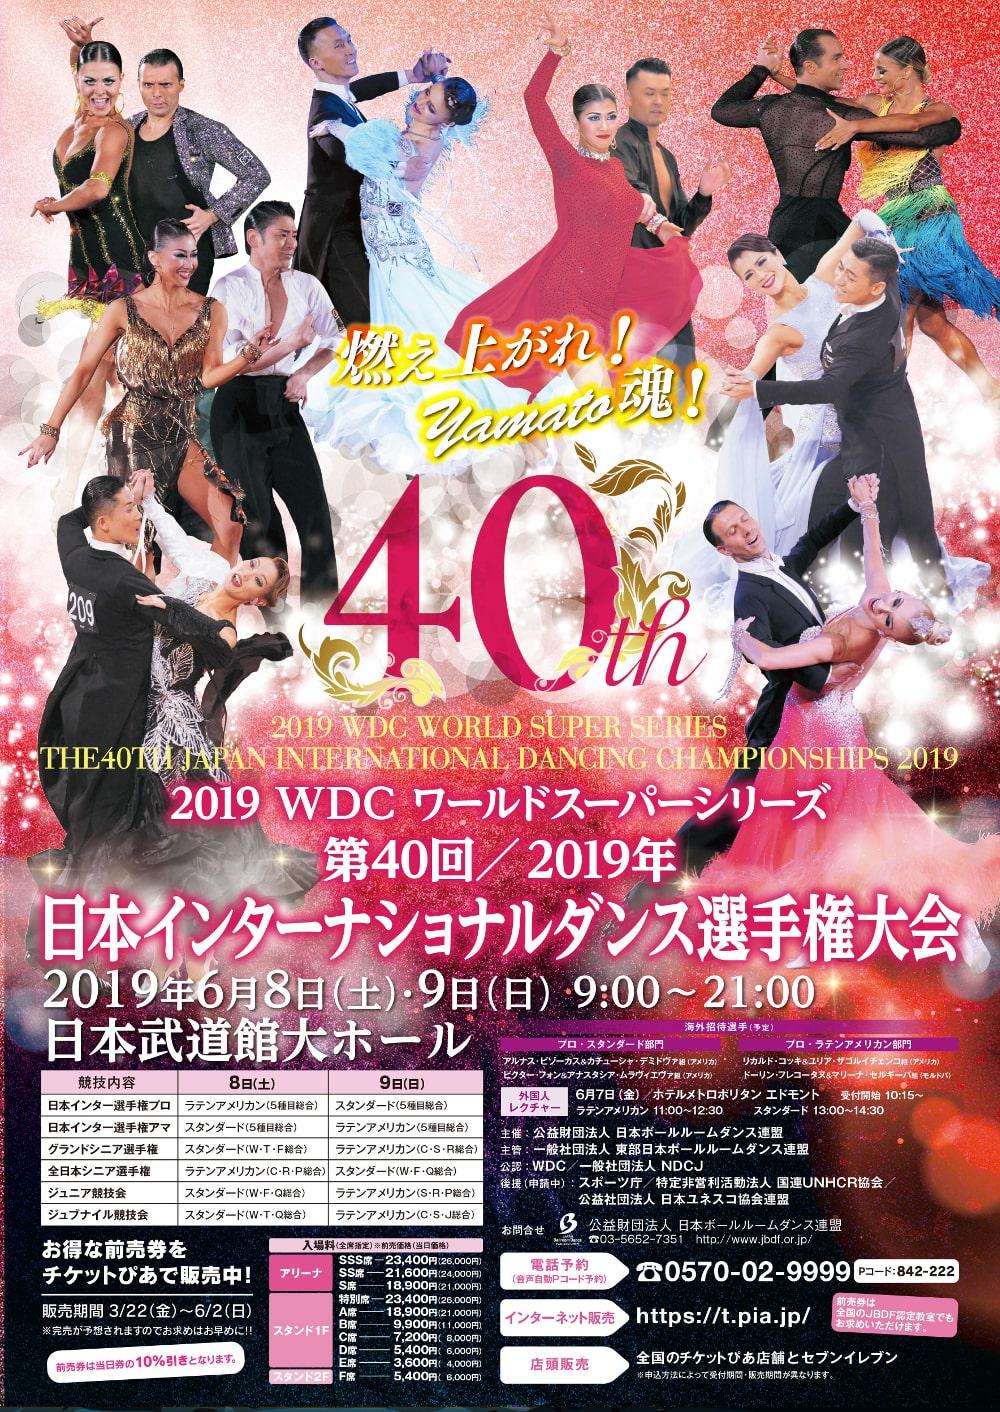 第40回/2019年日本インターナショナルダンス選手権大会 JBDF 日本武道館